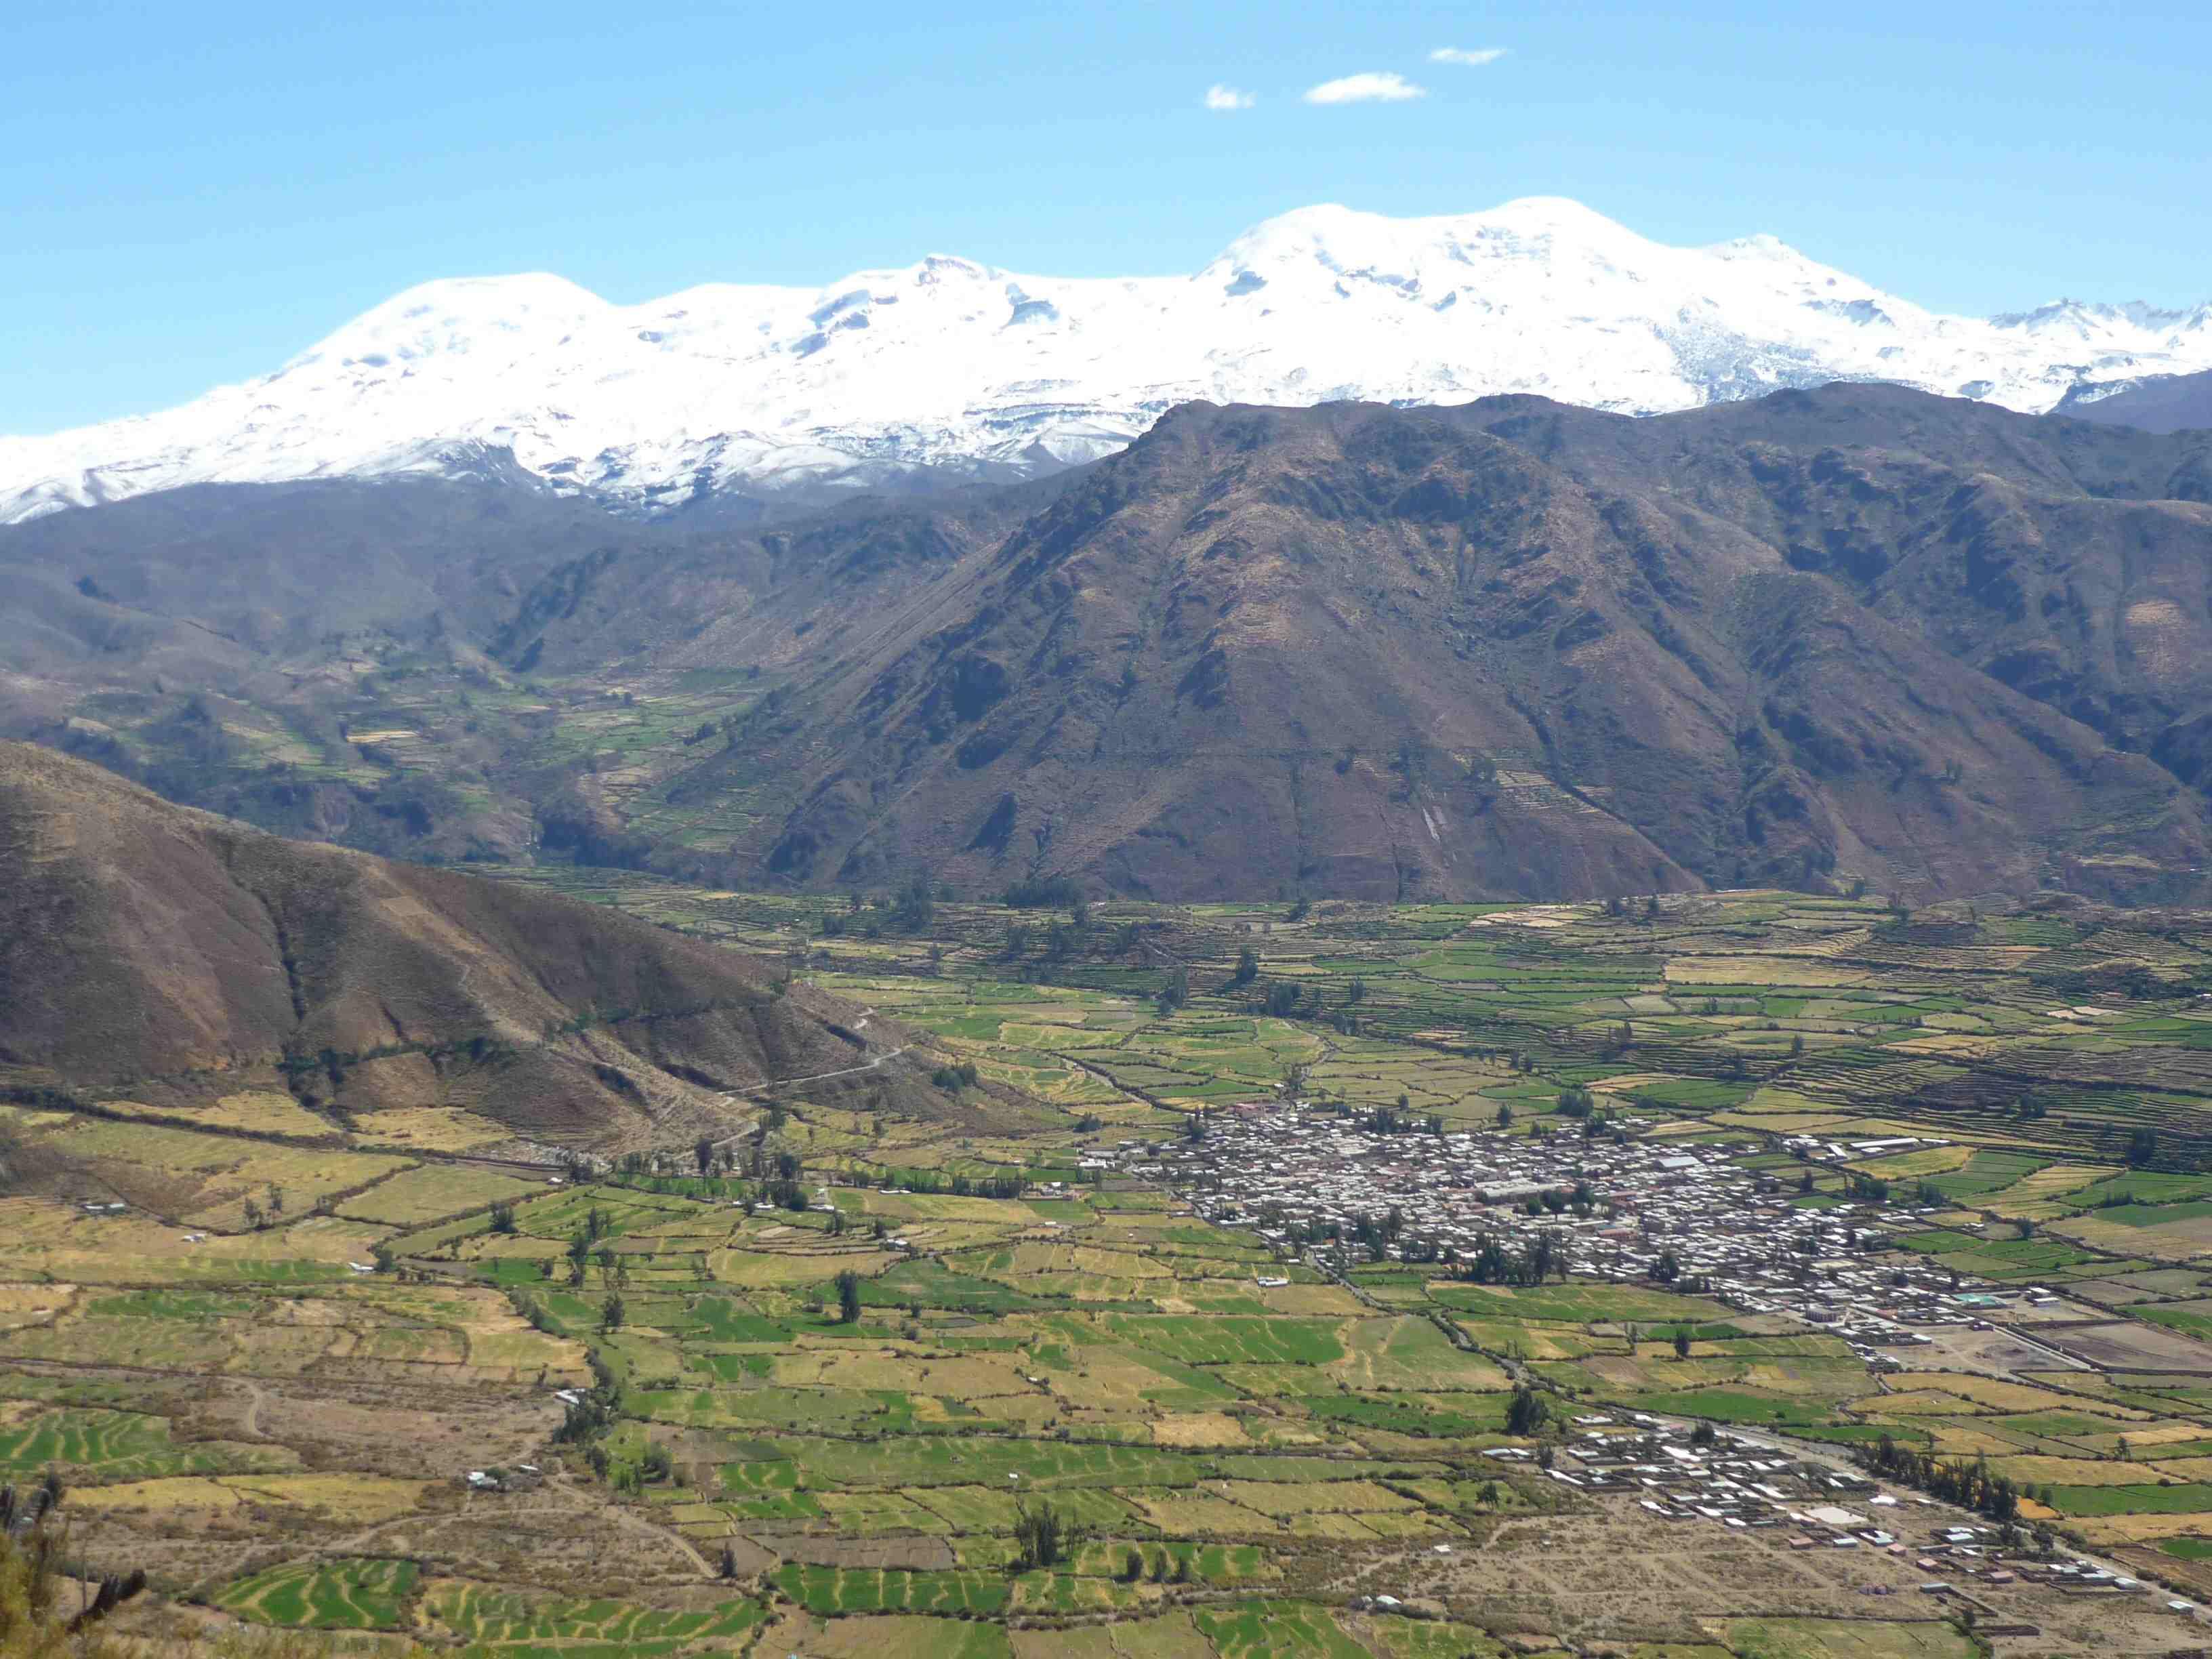 Montaña Coropuna